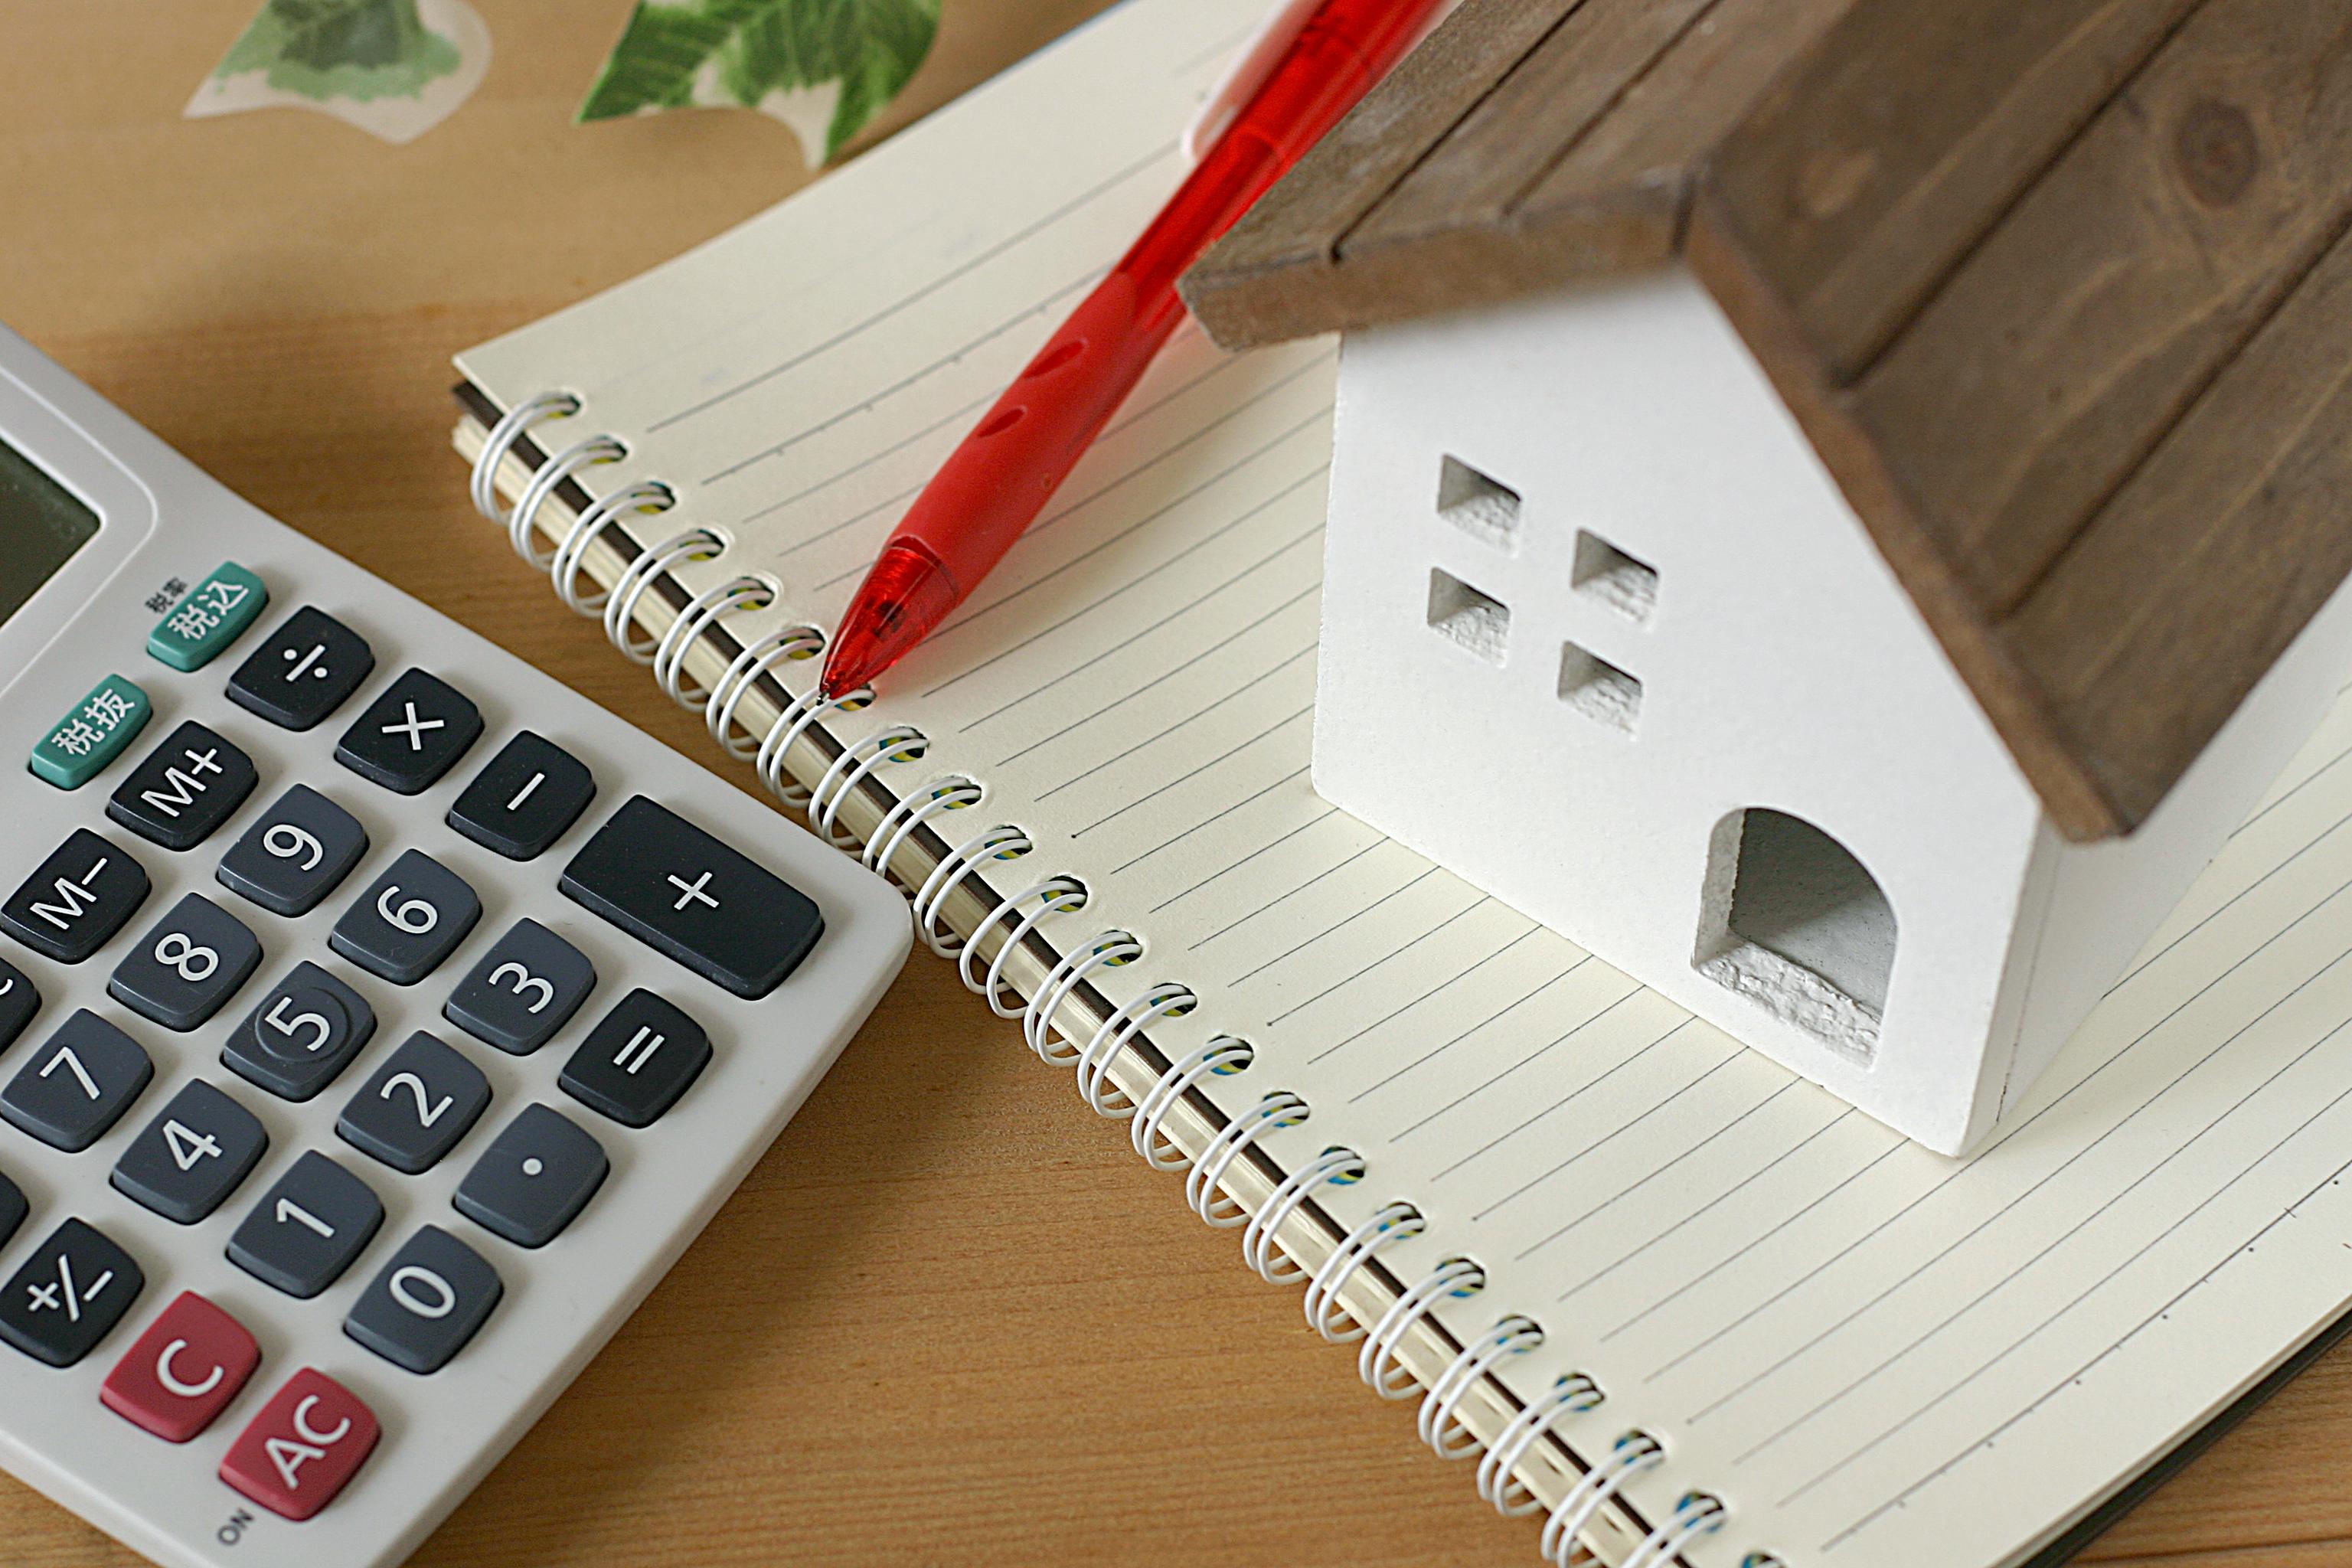 変動金利の住宅ローンの金利上昇が恐いので投資の運用益で繰り上げ返済するのはアリか?